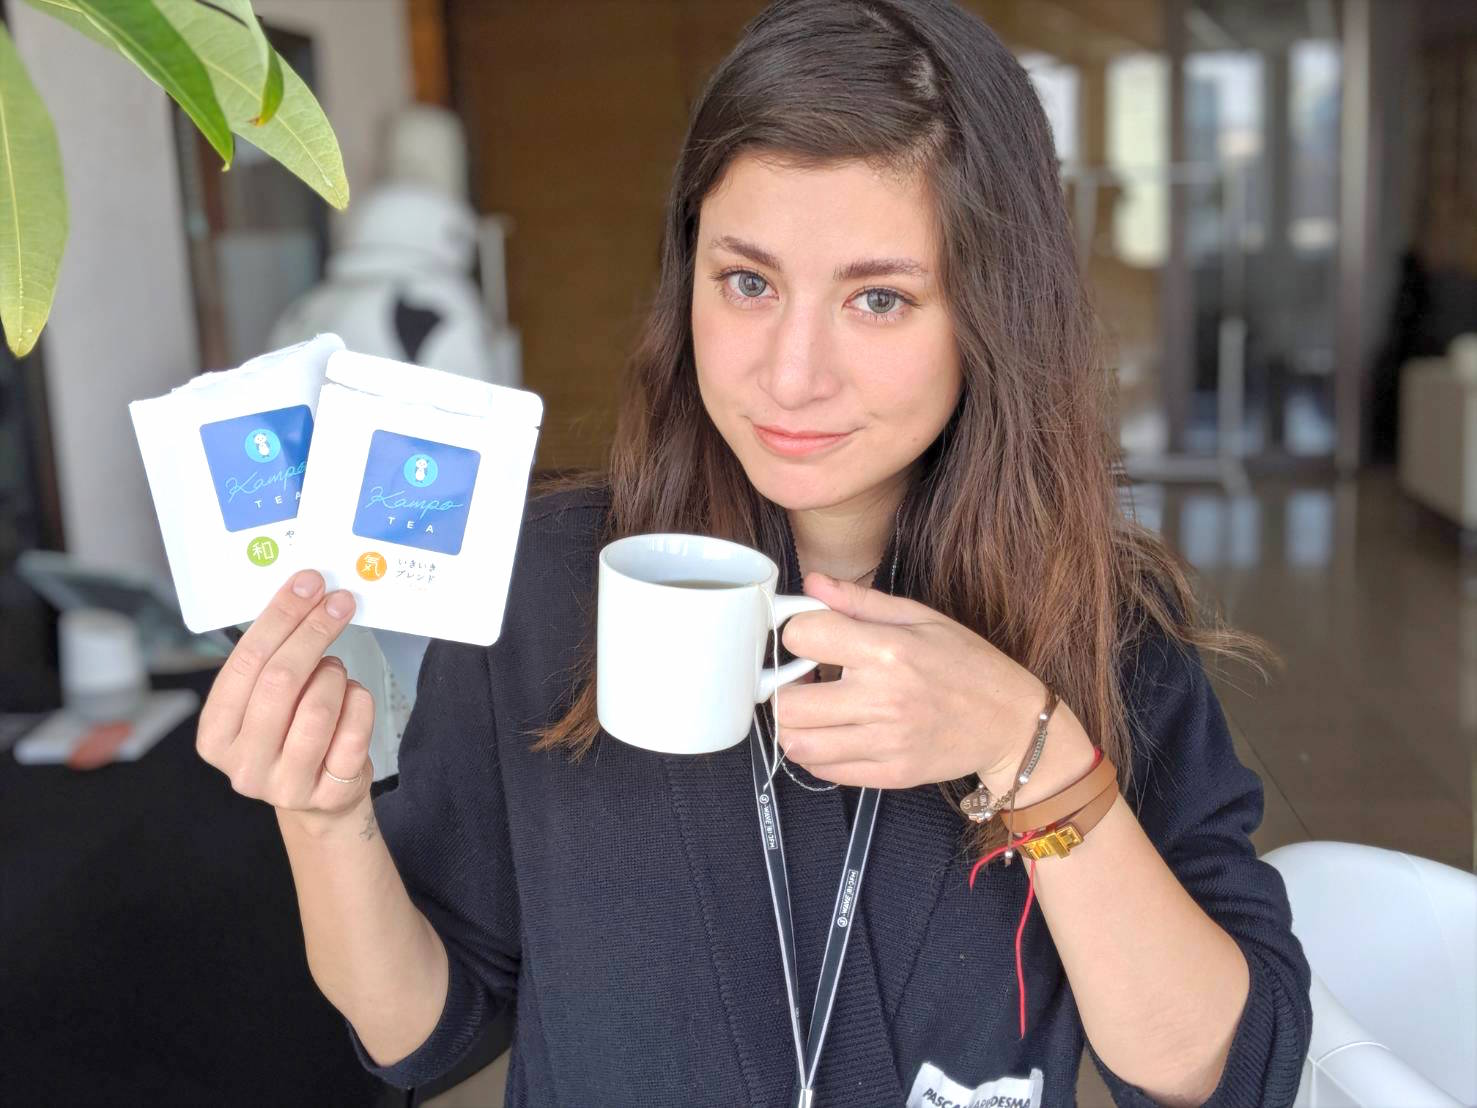 ぐっすり睡眠、冷え解消…「漢方茶」おすすめを専門店がセレクト